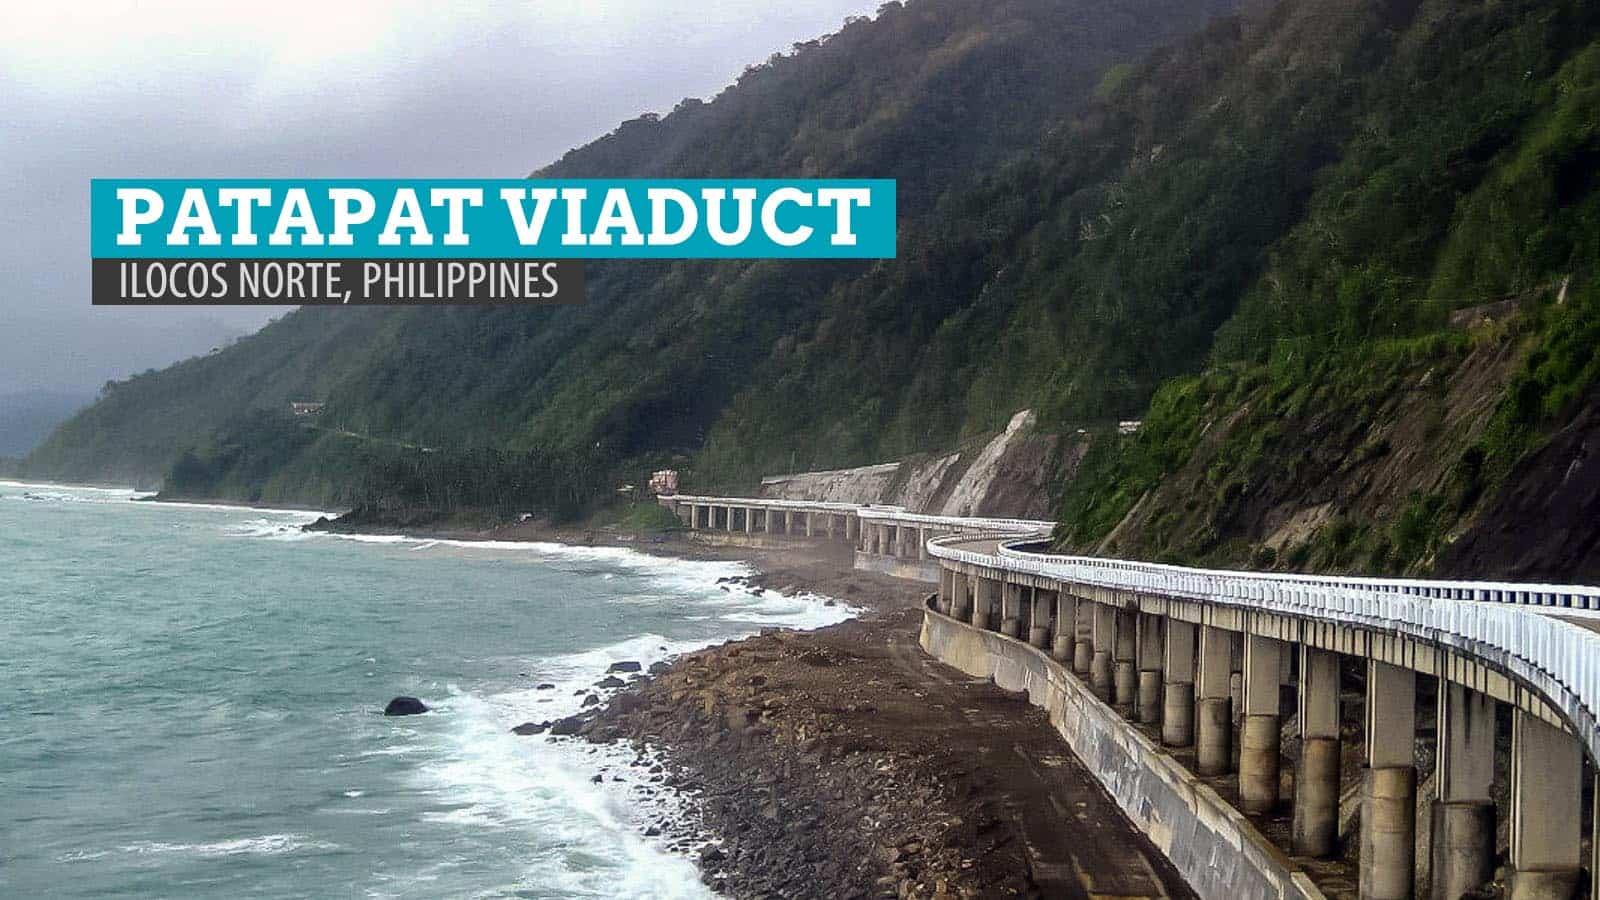 Patapat Viaduct Ilocos